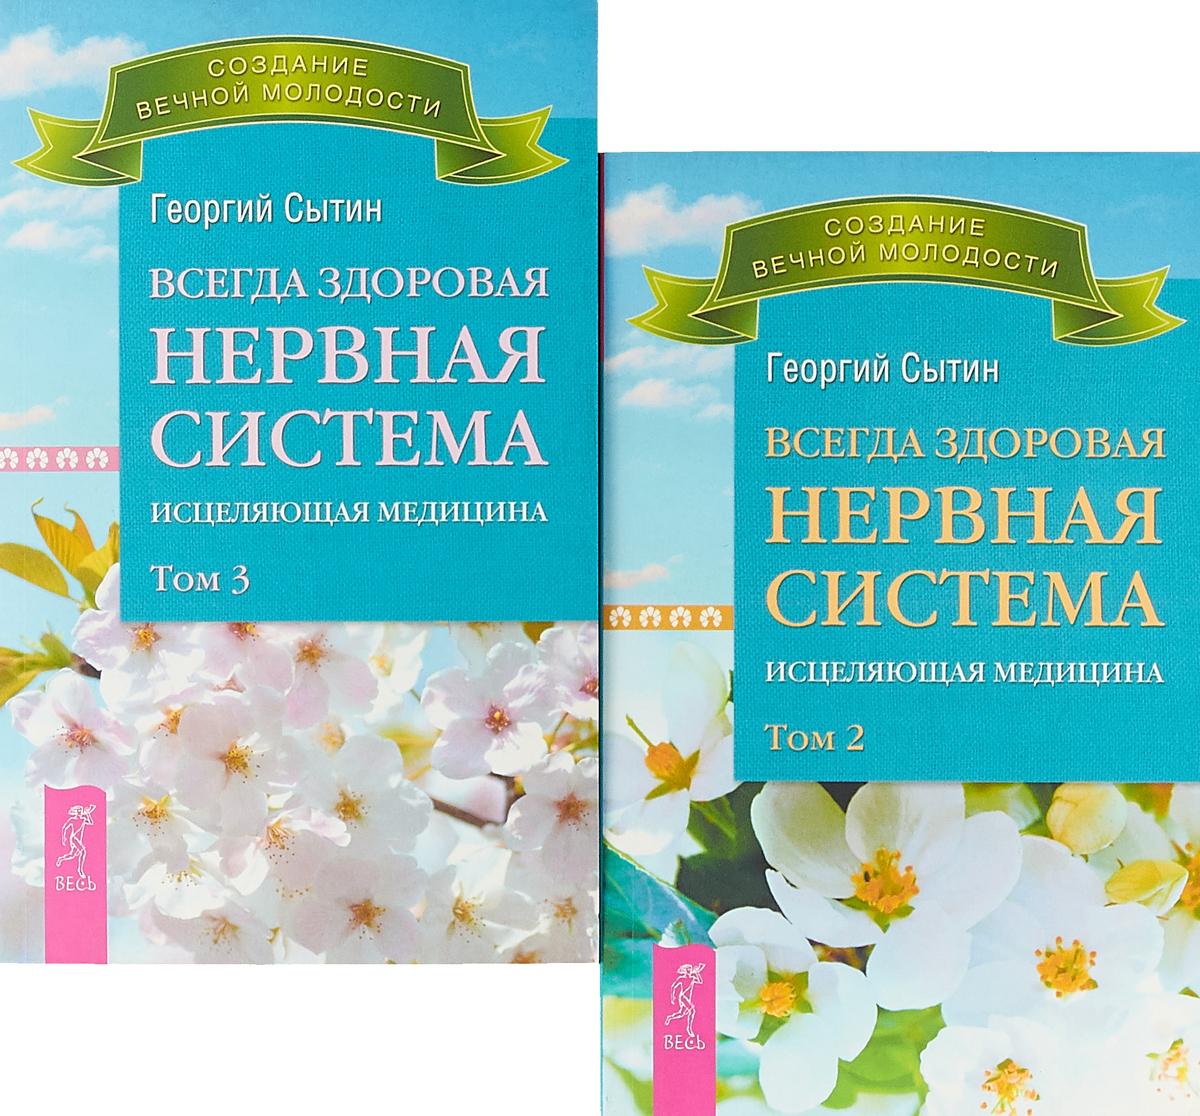 Всегда здоровая нервная система (комплект из 2-х книг)